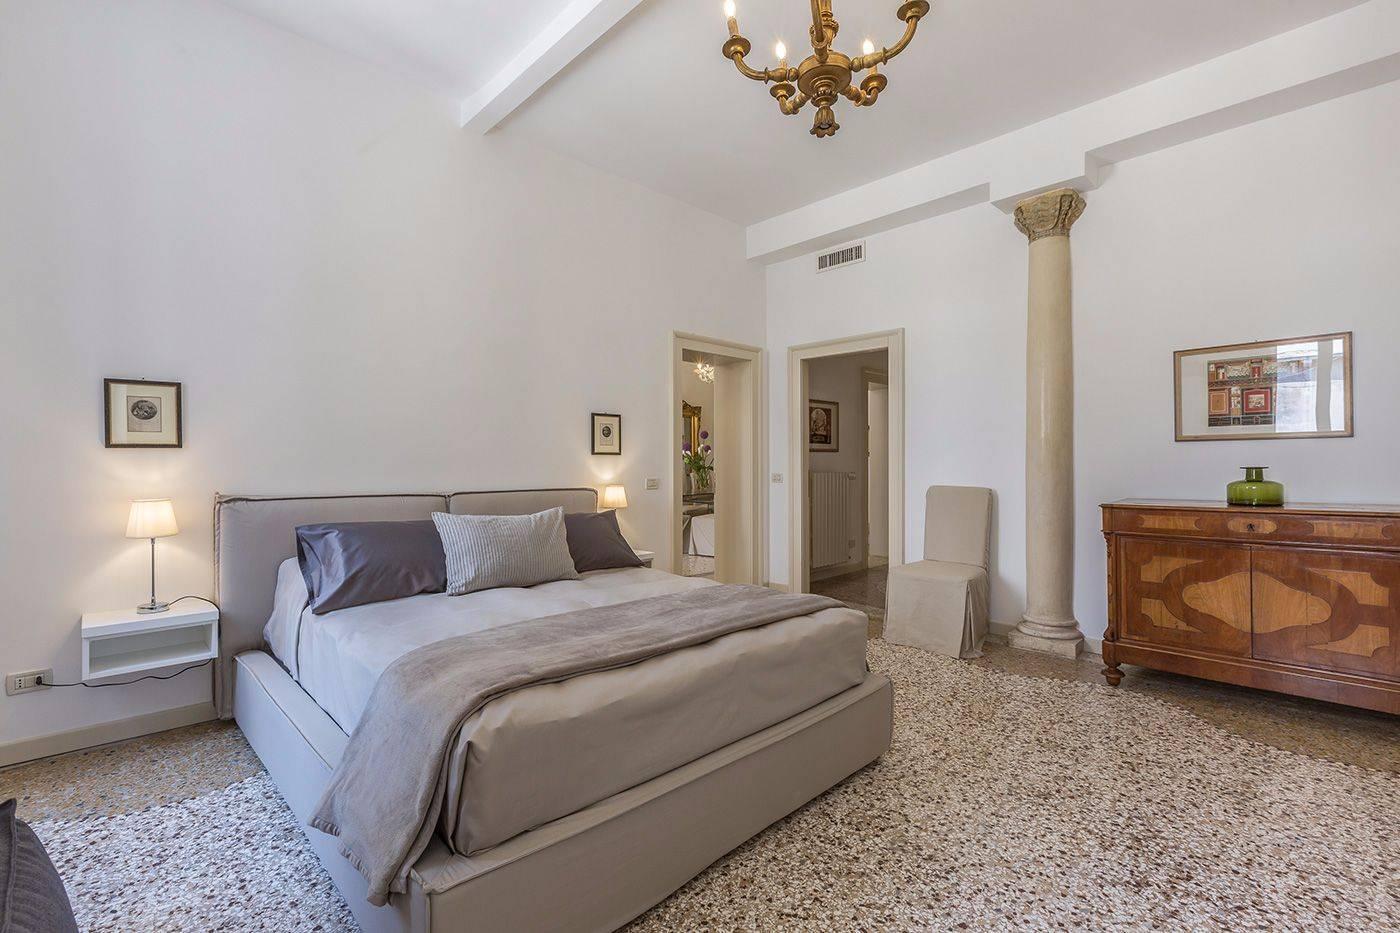 bedroom 1: Master bedroom